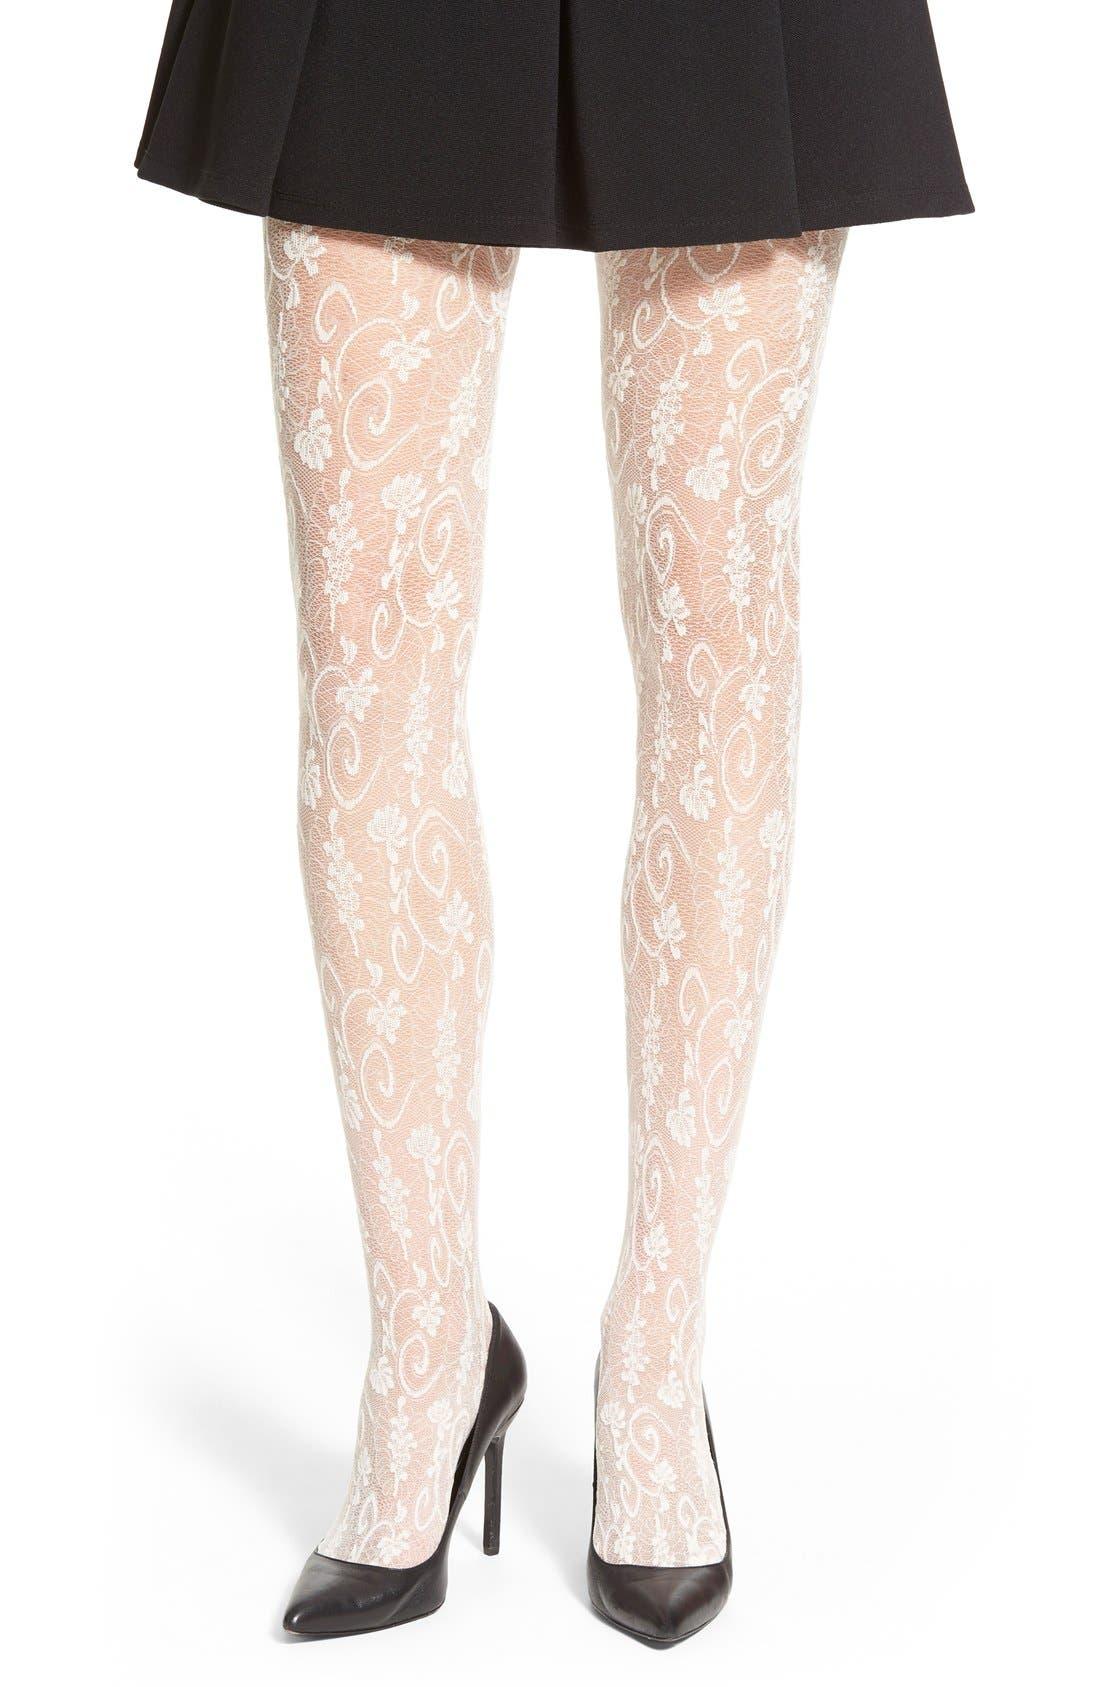 Main Image - Oroblu 'Estella' Floral Lace Tights